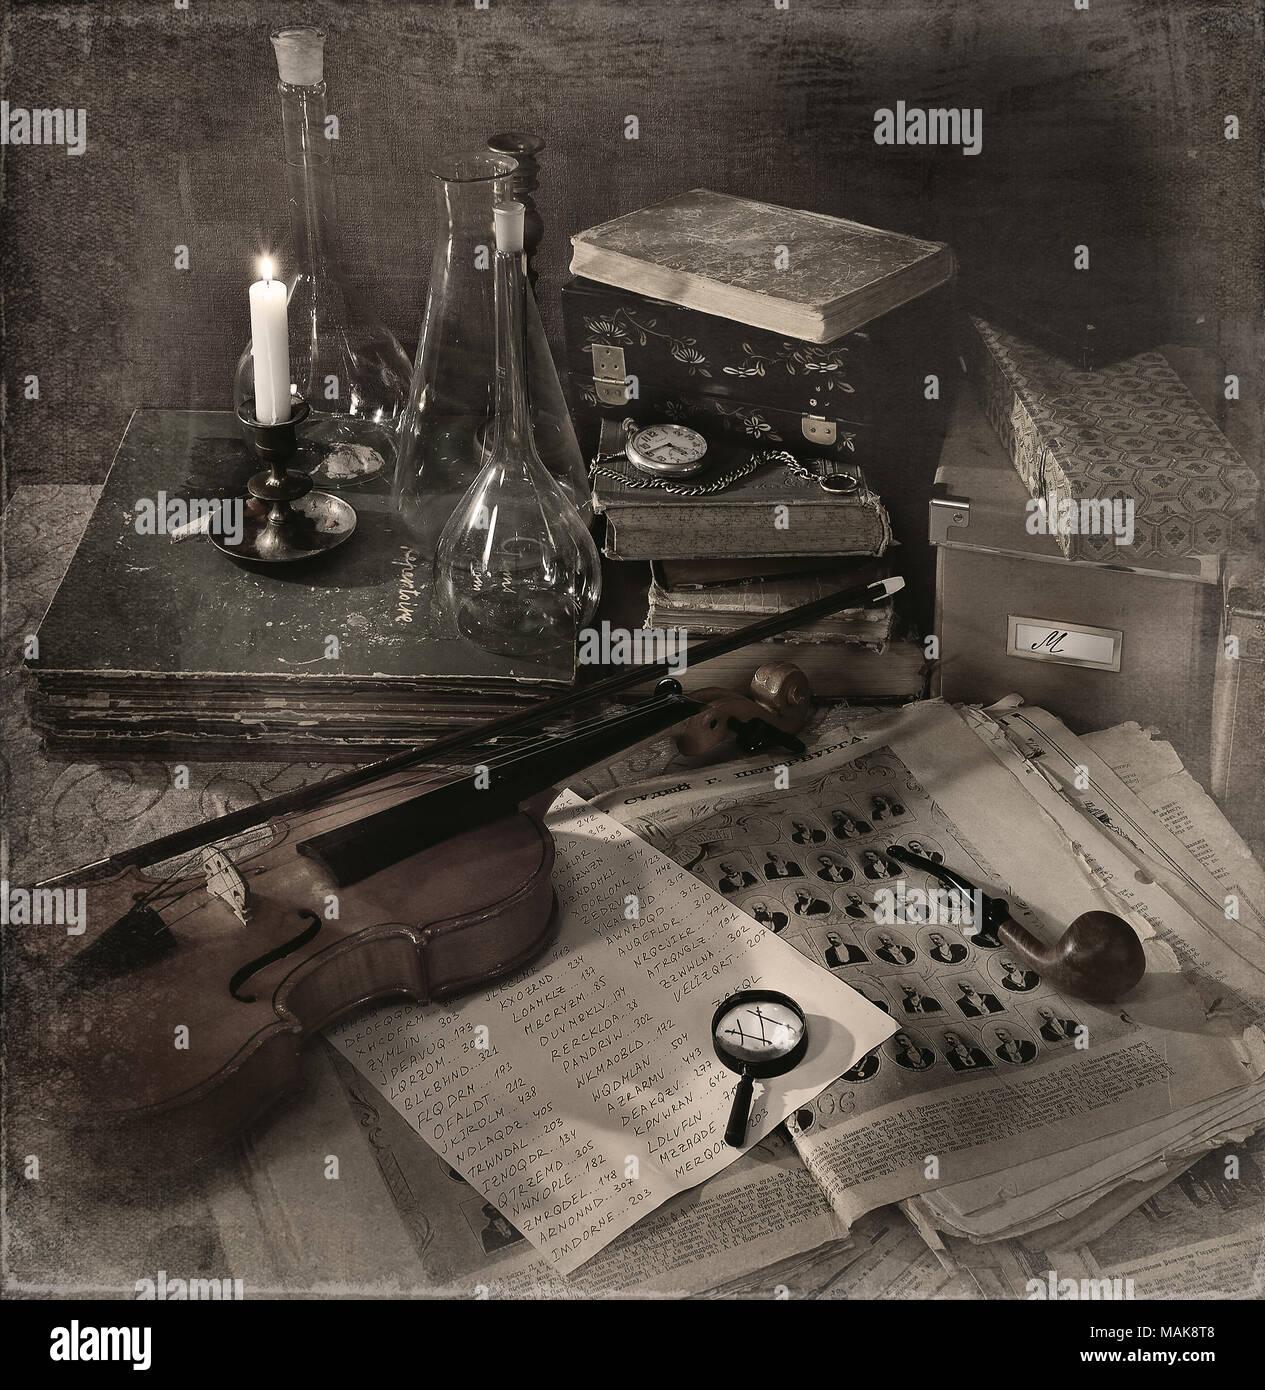 Noch immer leben Sherlock Holmes, seine Lieblingssachen an seinem Schreibtisch, London Stockbild